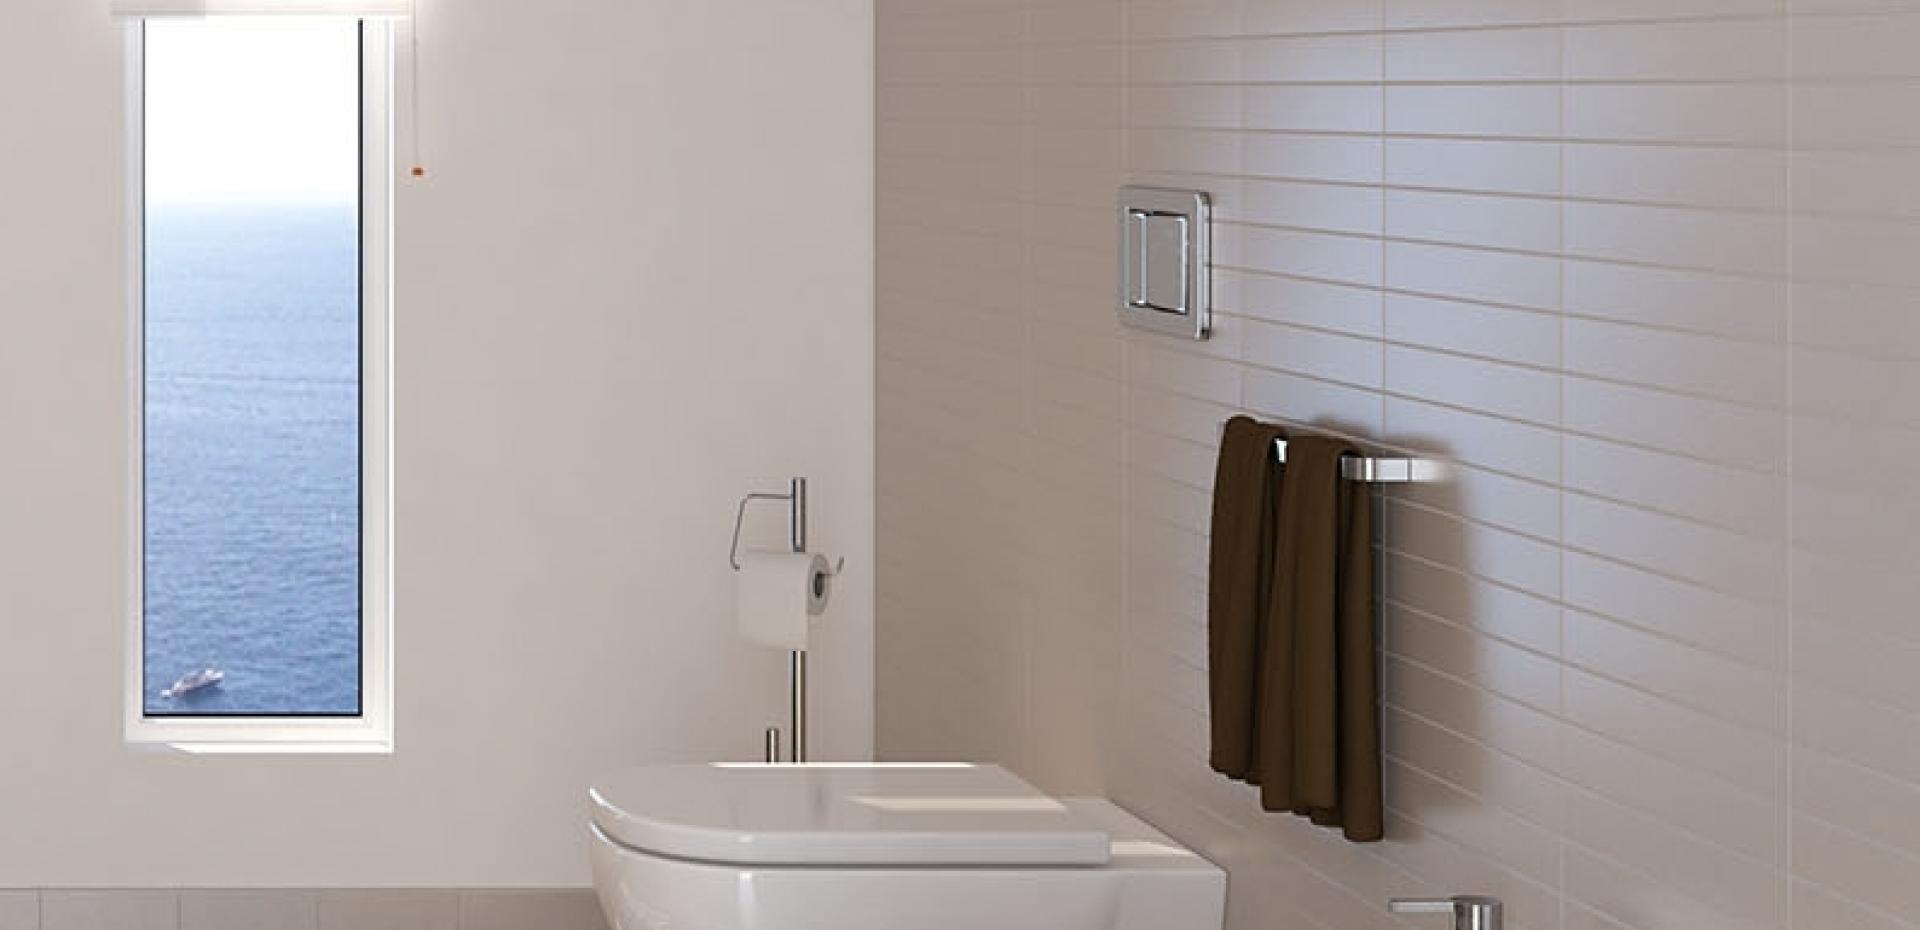 Piastrelle interni vogue system piastrelle per bagno e - Piastrelle diamantate bagno ...